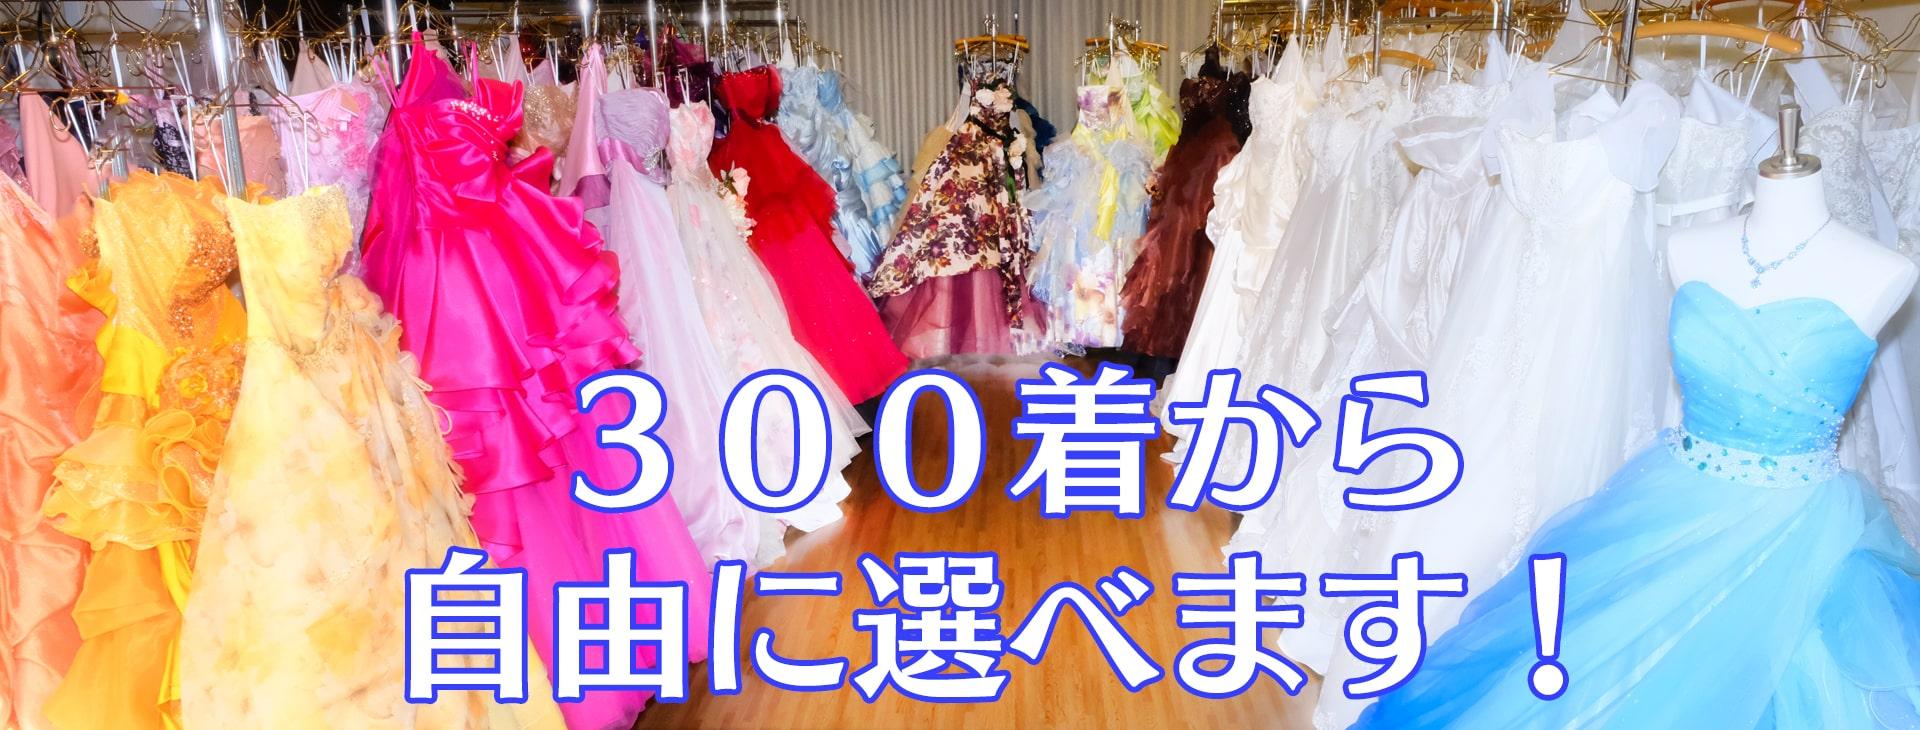 300着から自由に選べます。